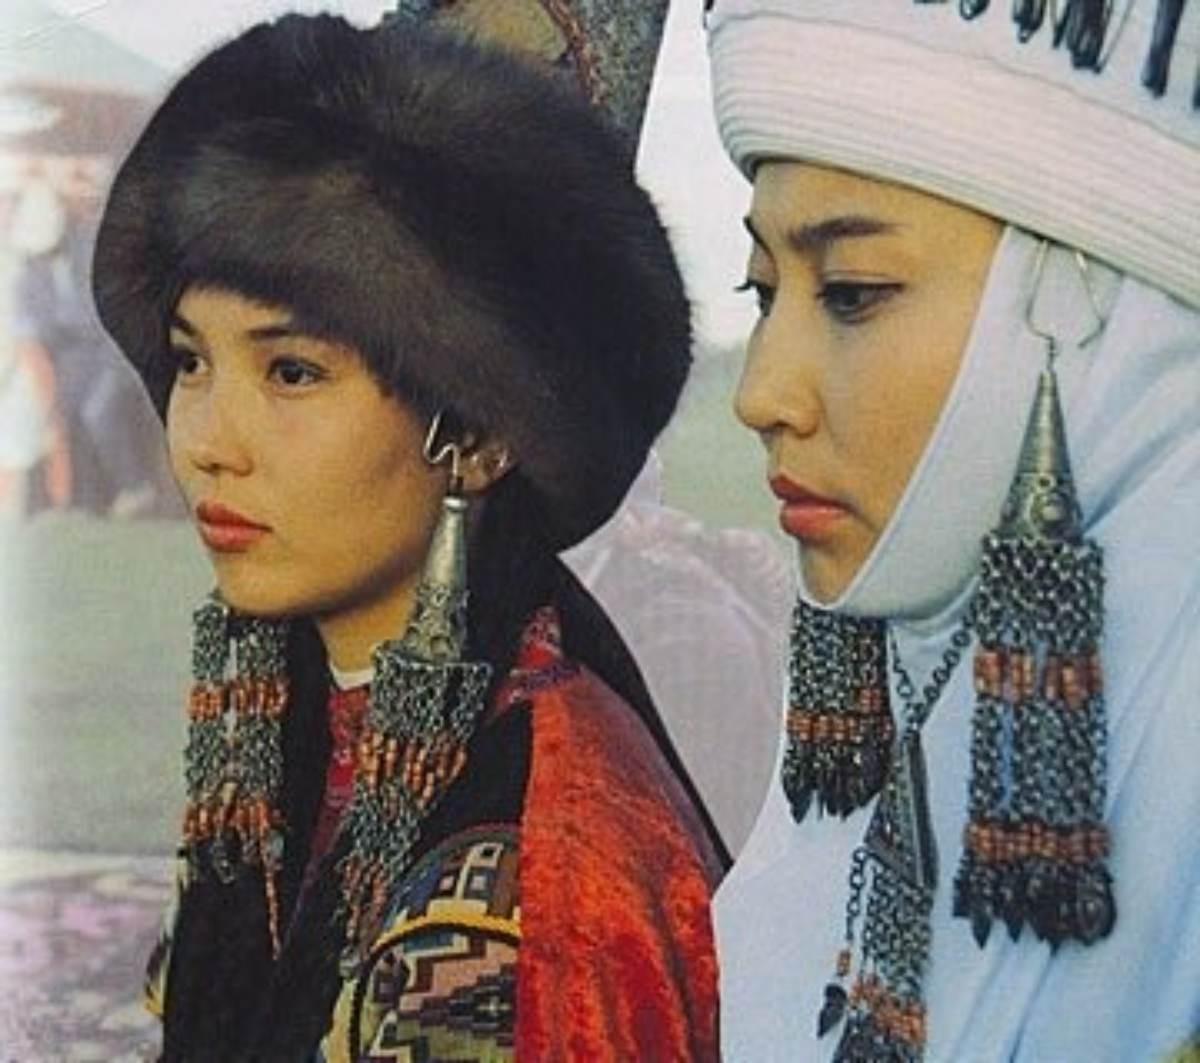 Қазақ тарихында ойып тұрып орын алған әйелдер кімдер?